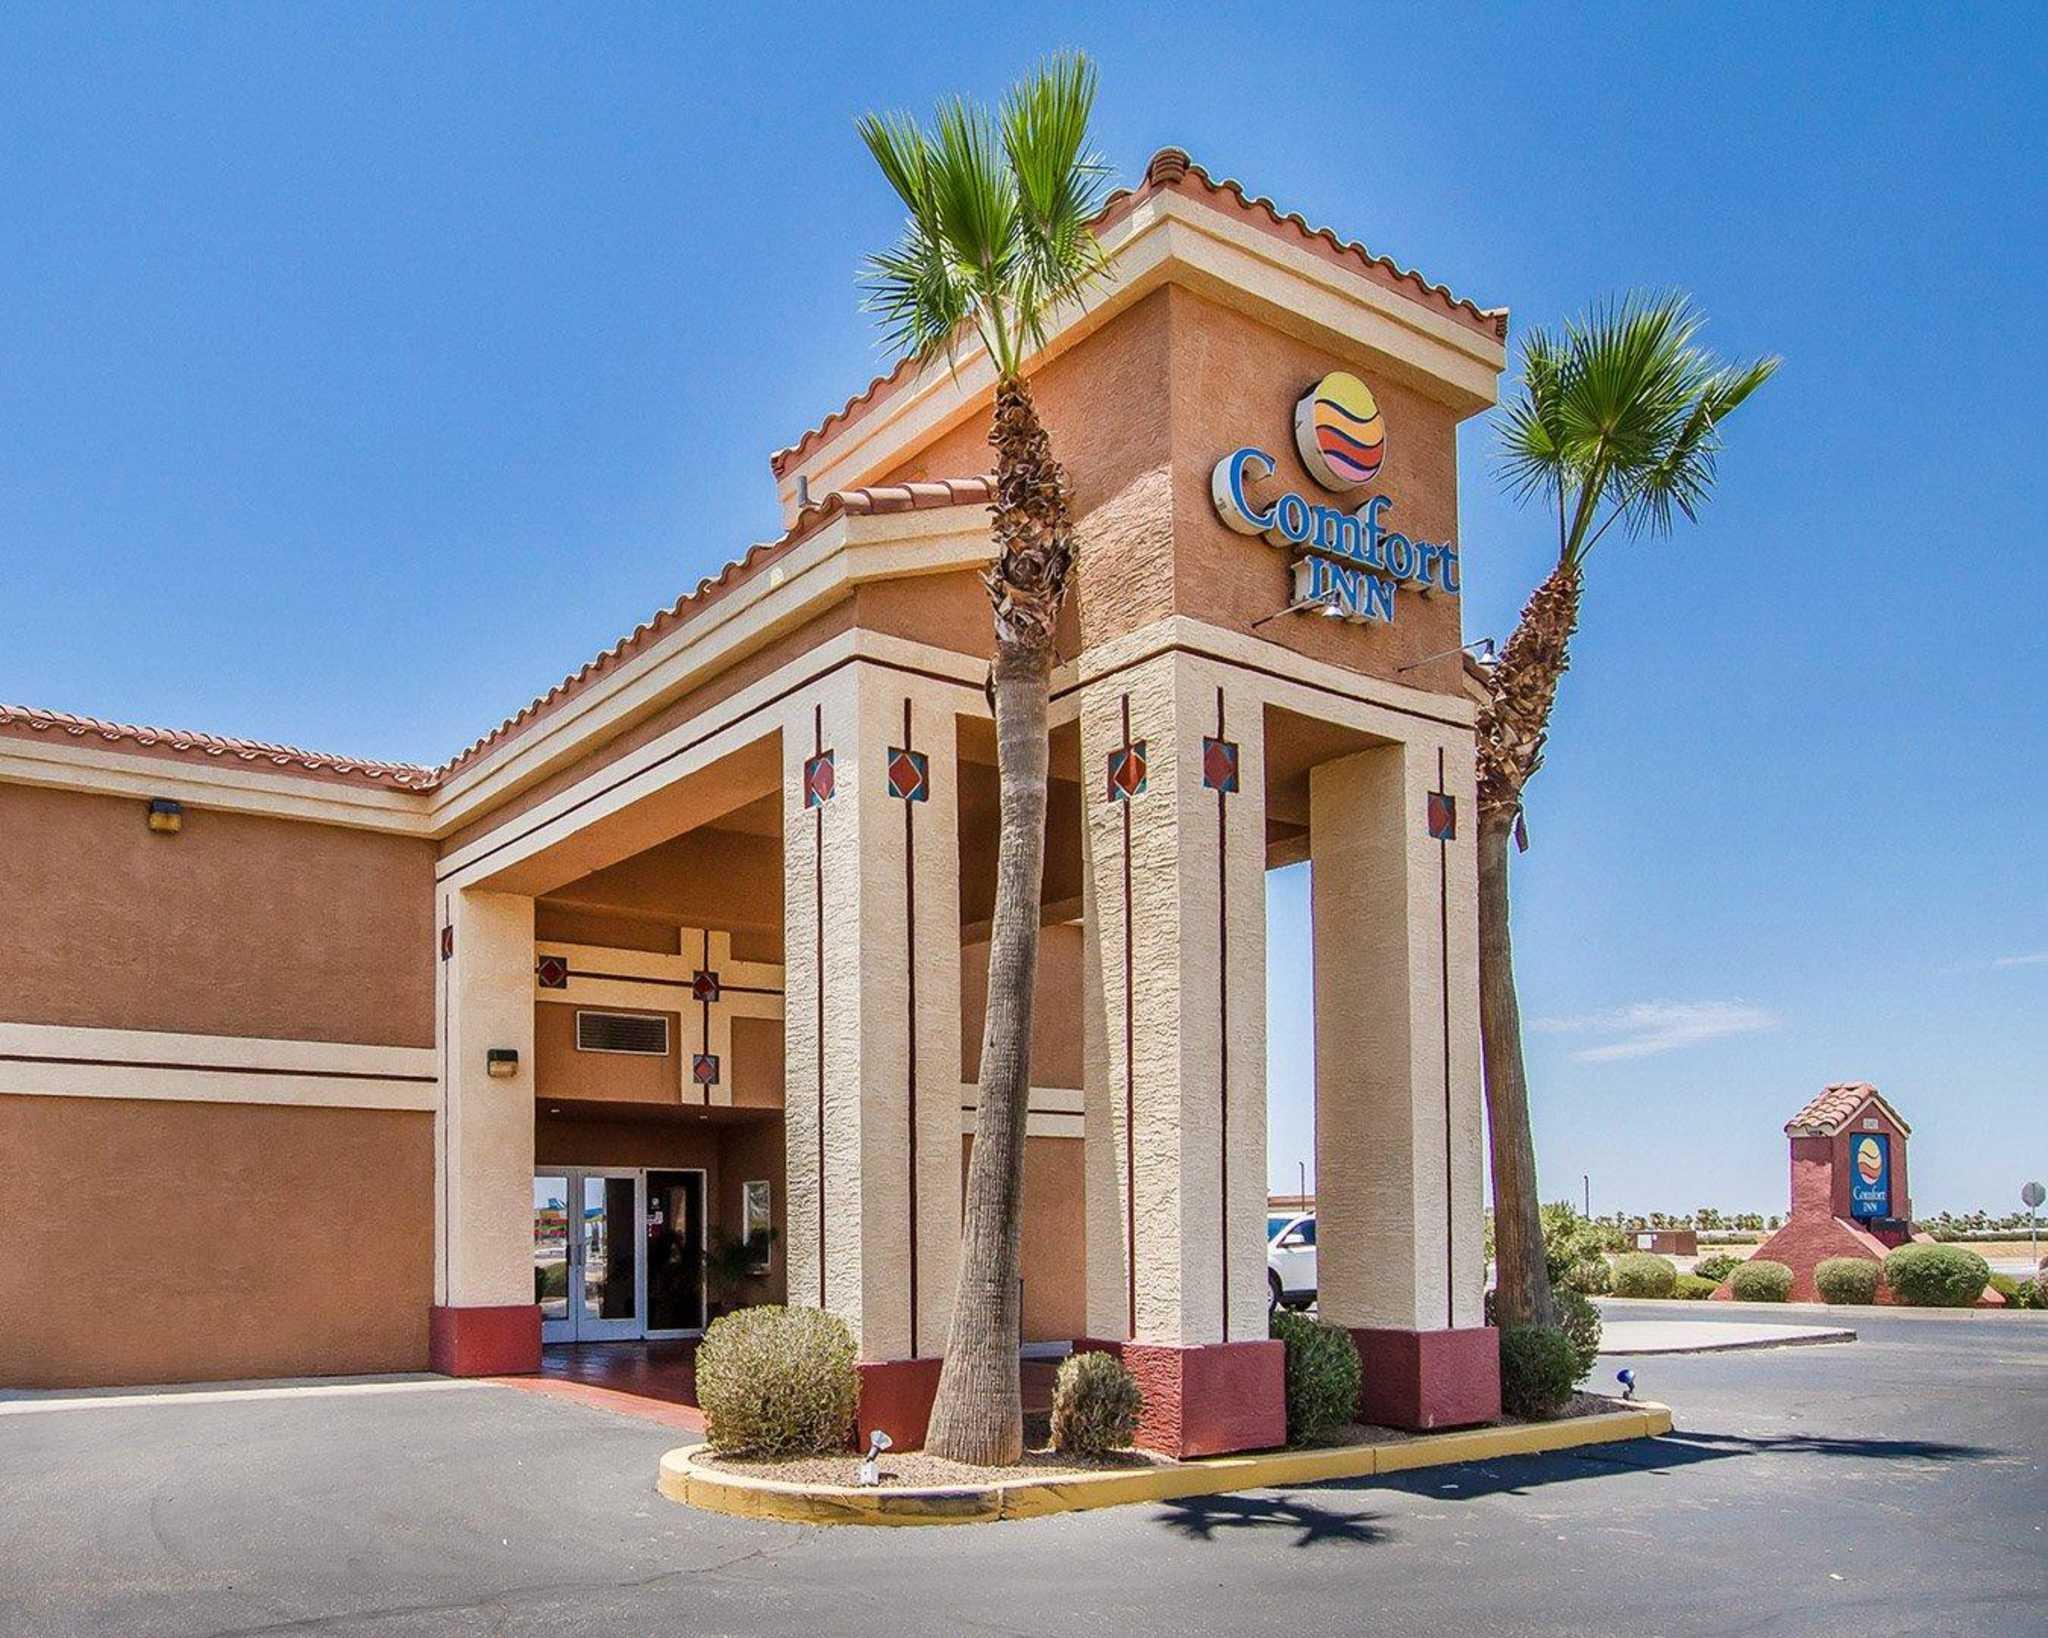 Comfort Inn Casa Grande Az Business Directory